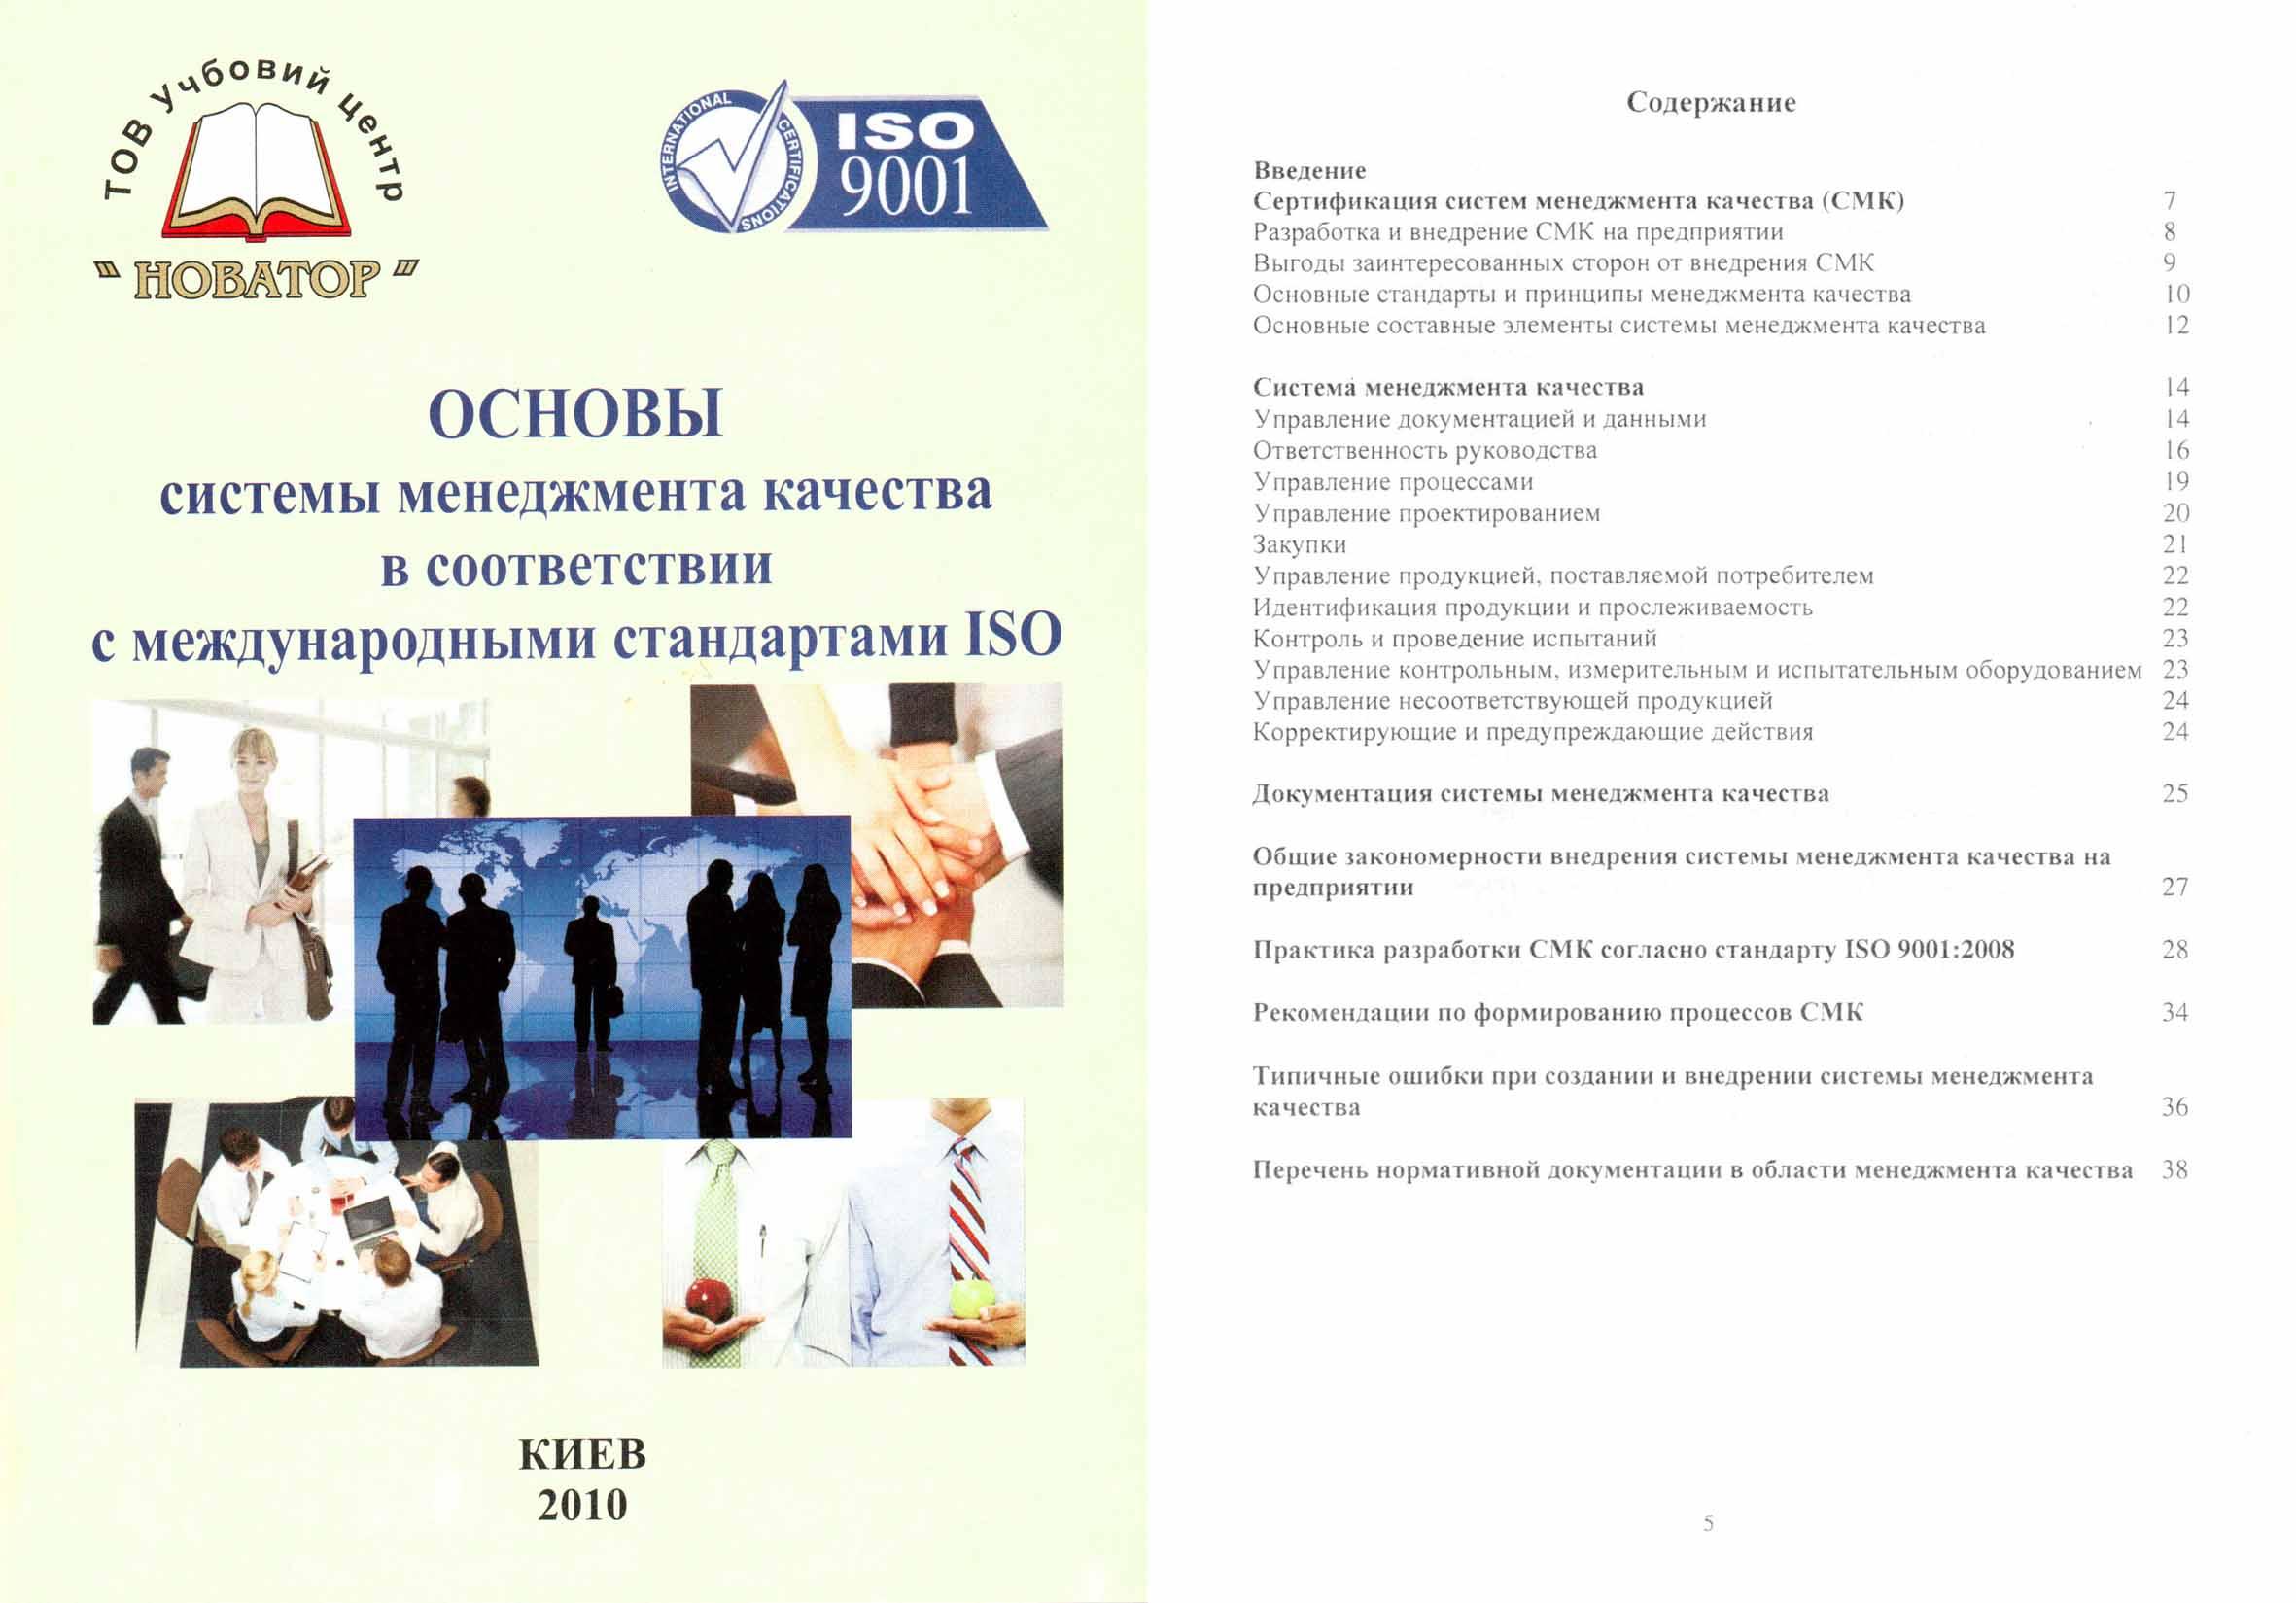 Основы системы менеджмента качества в соответствии с международными стандартами ISO